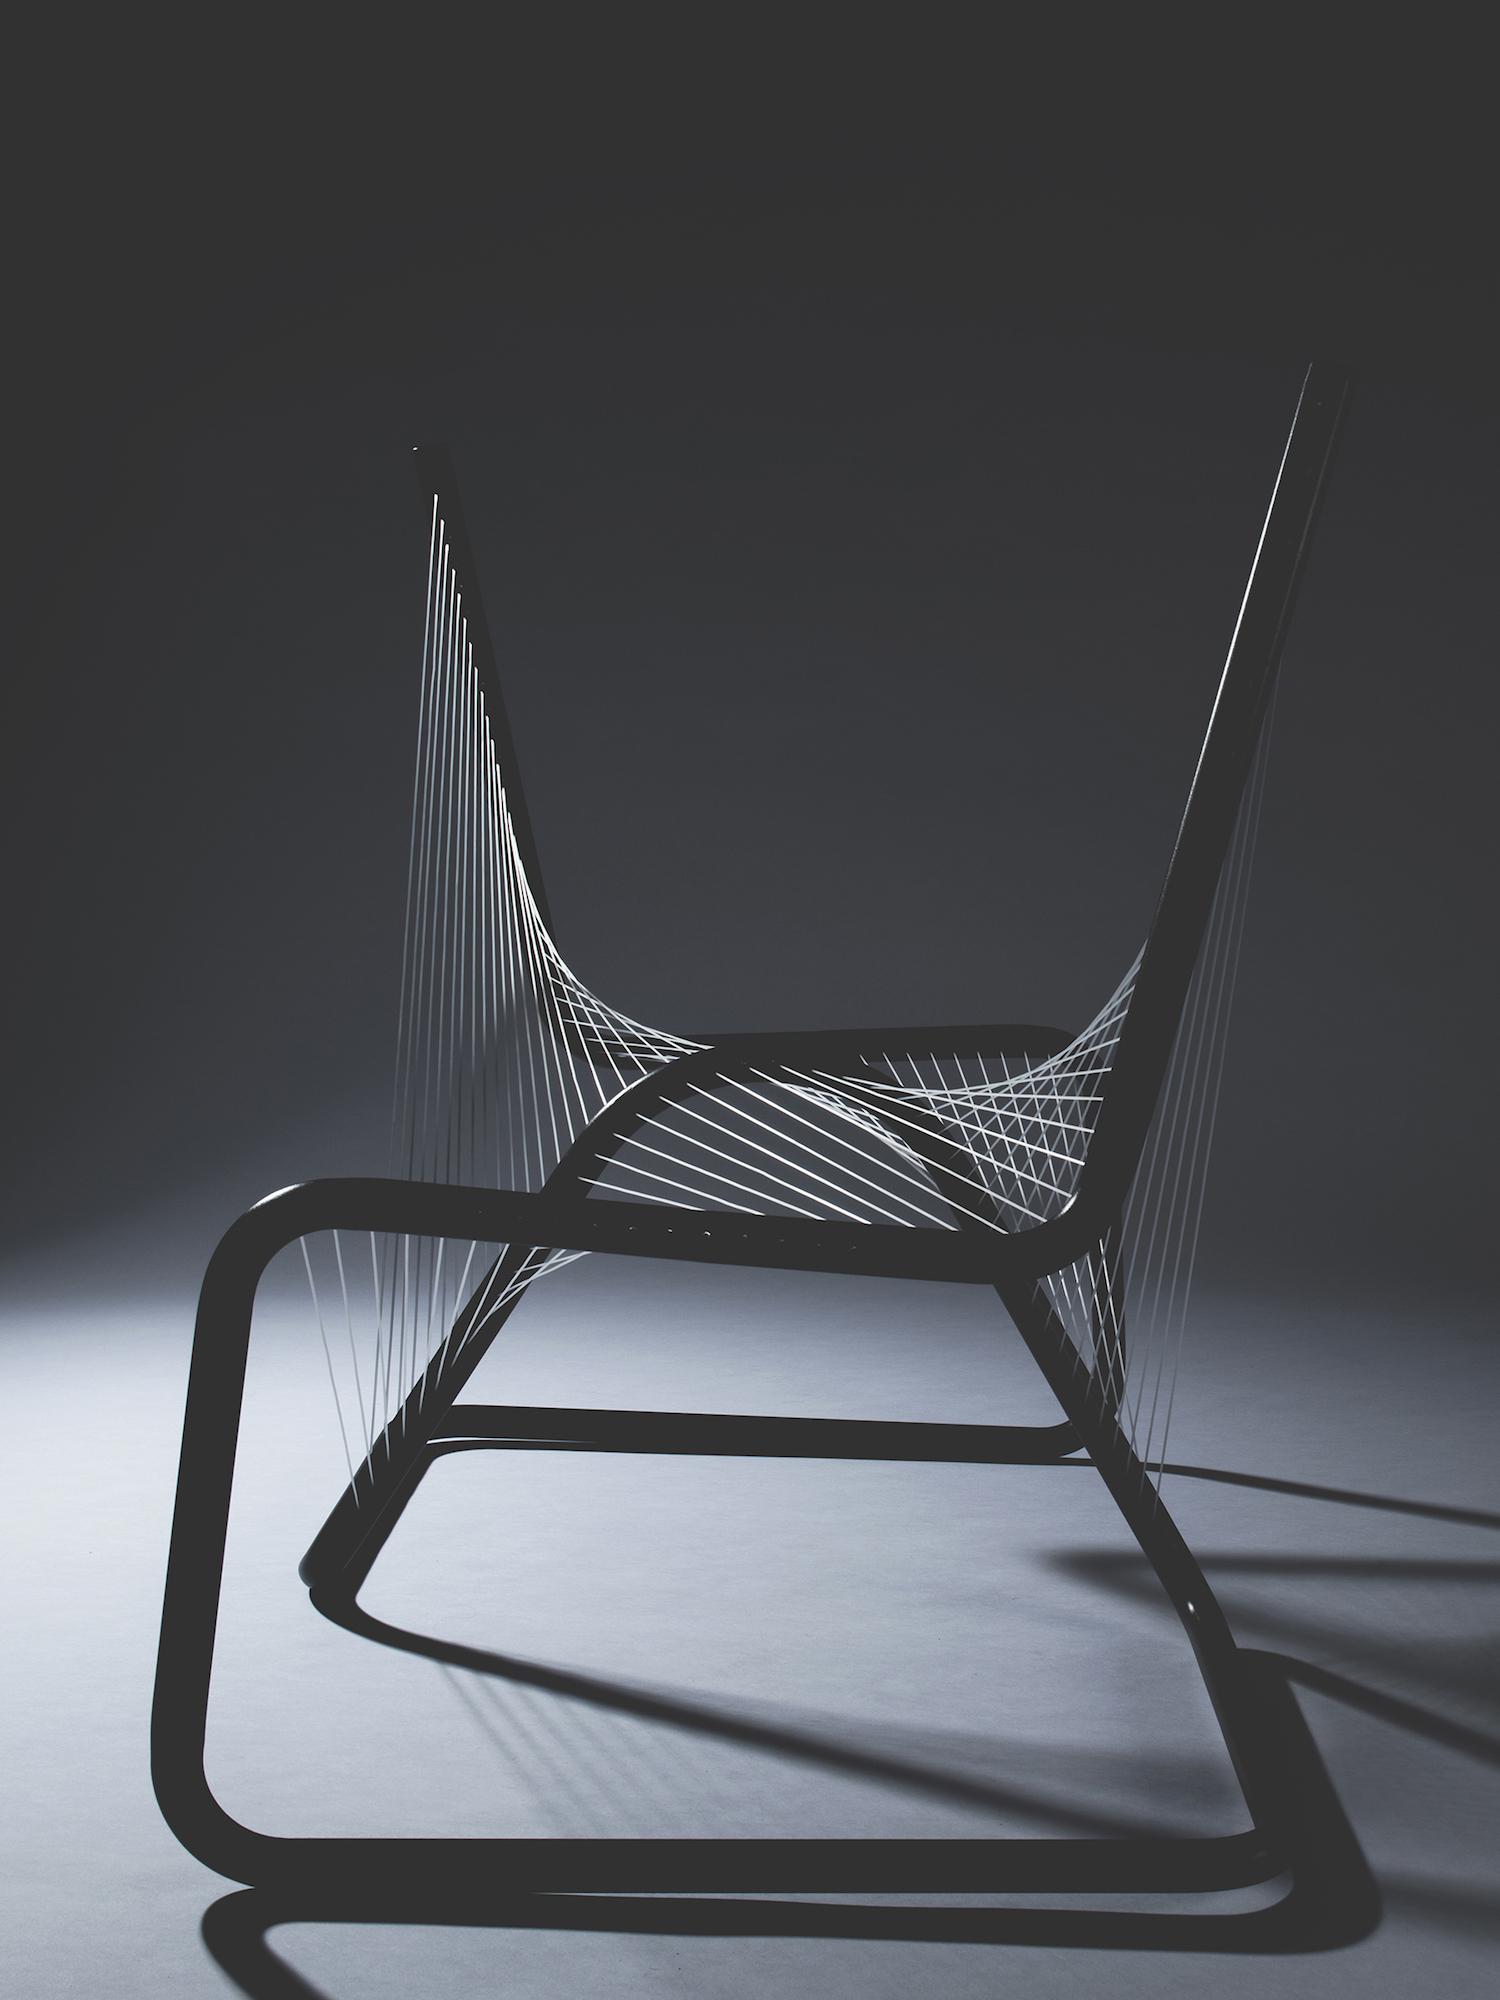 design_saitenschair_claraschweers_4